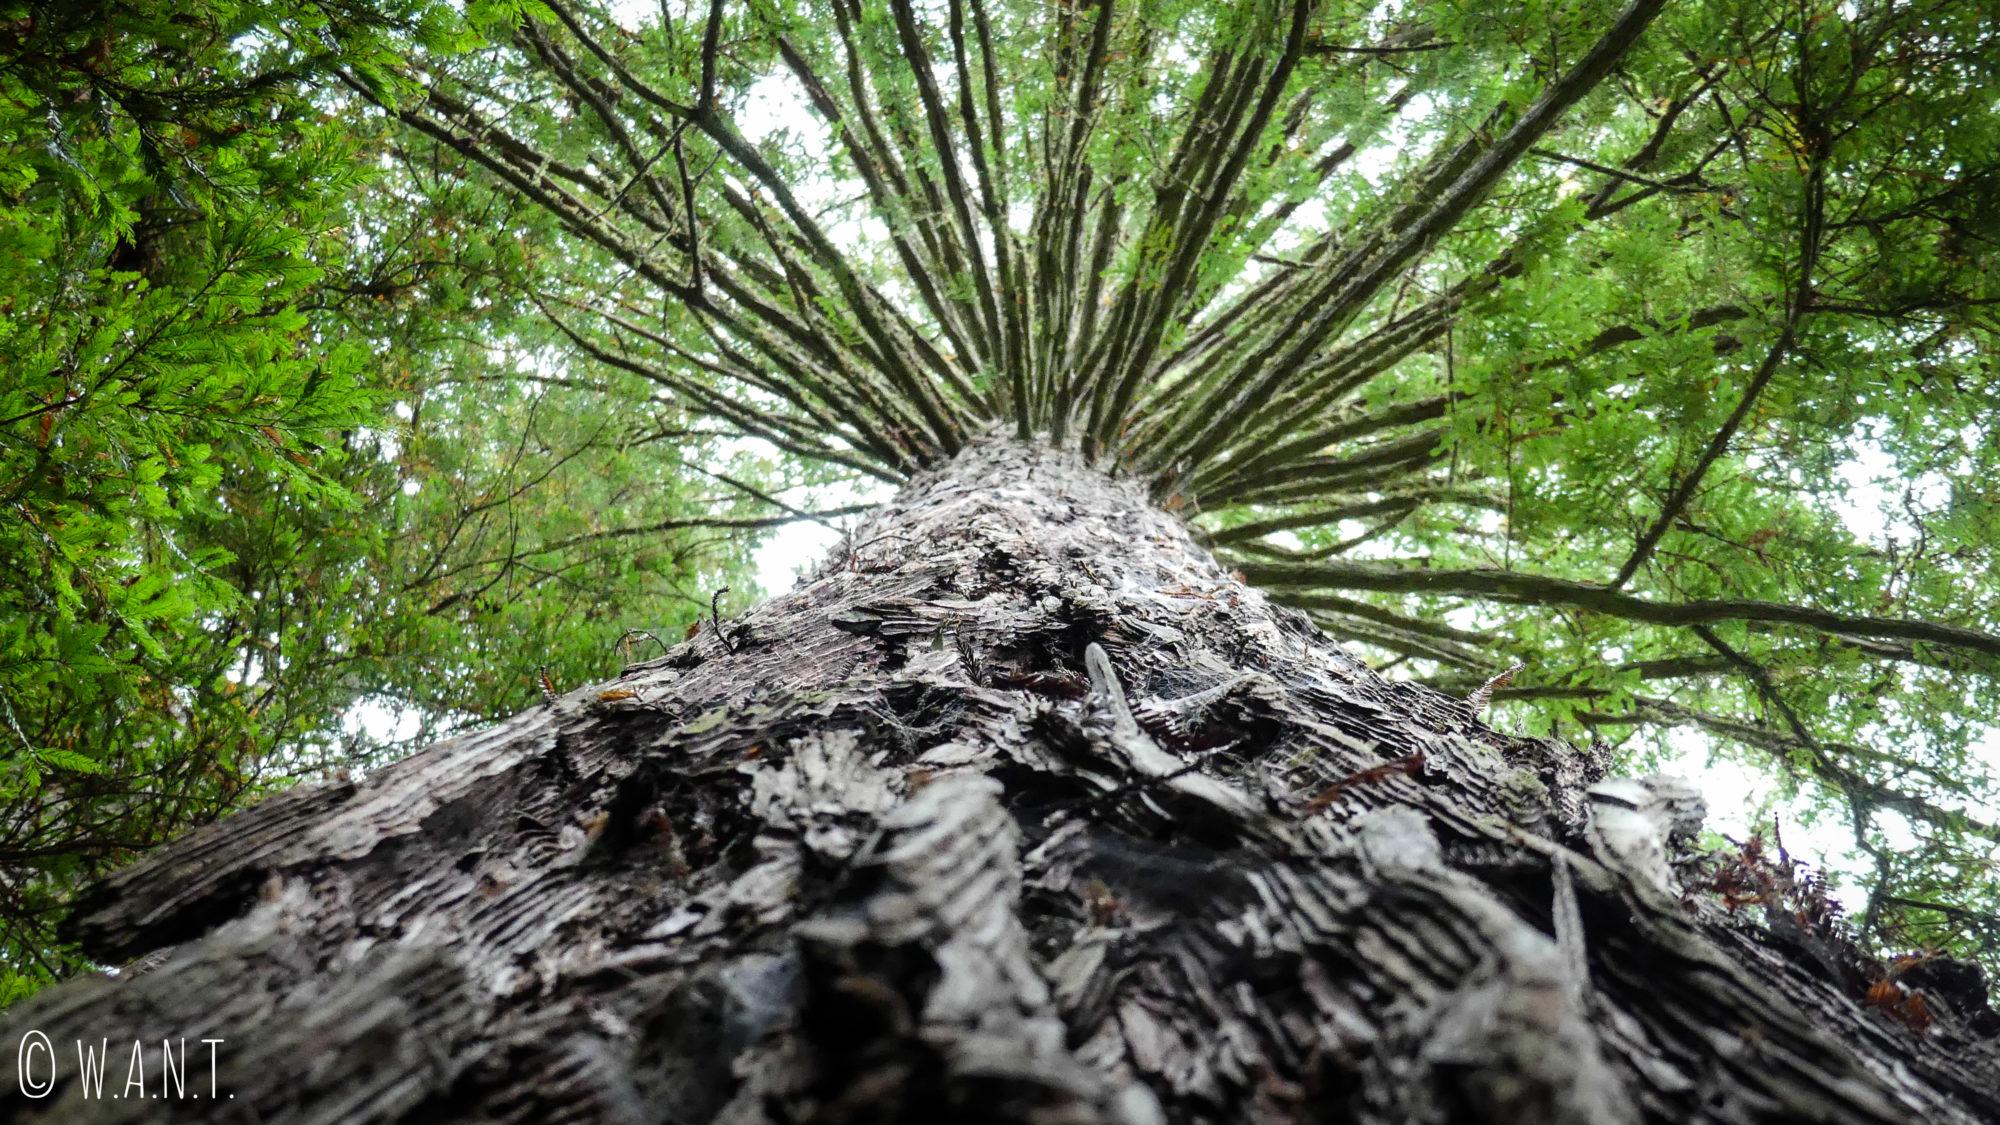 Les Redwoods près de Rotorua en Nouvelle-Zélande, sont gigantesques